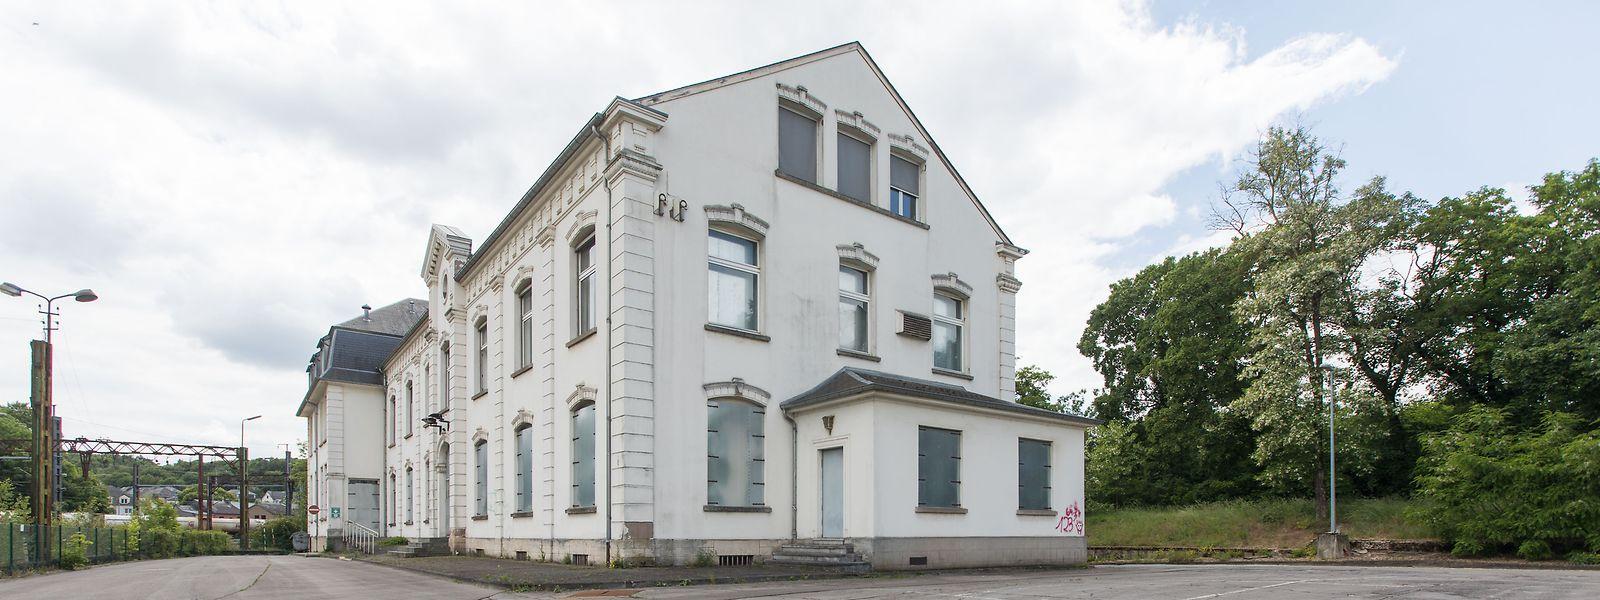 Le site industriel abandonné d'Esch-Schifflange s'apprête à retrouver une seconde vie.